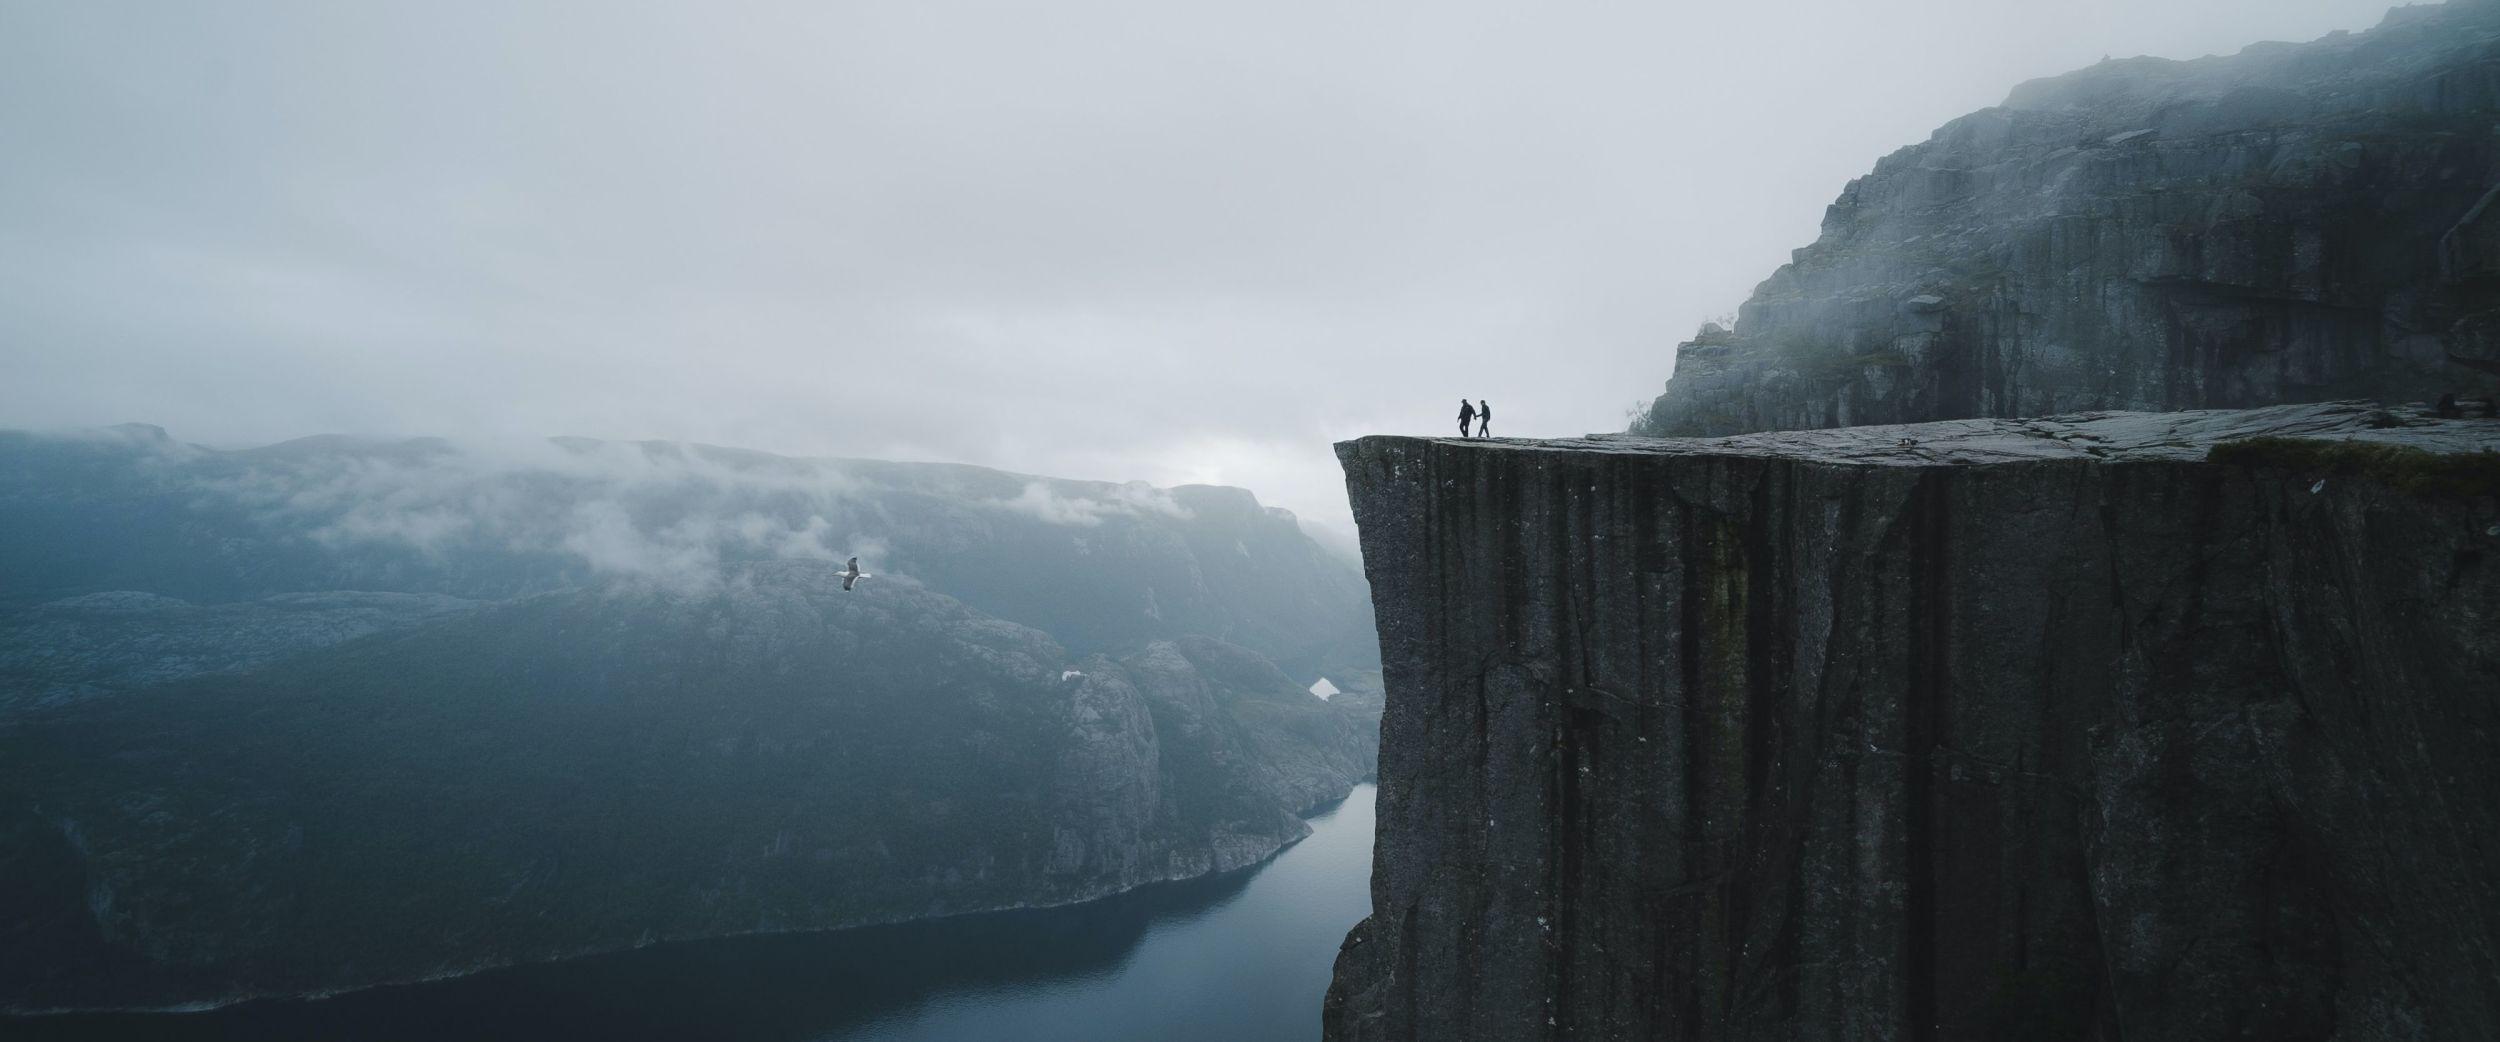 Preikestolen, steep mountain. Photo: Valdemaras, Unsplash